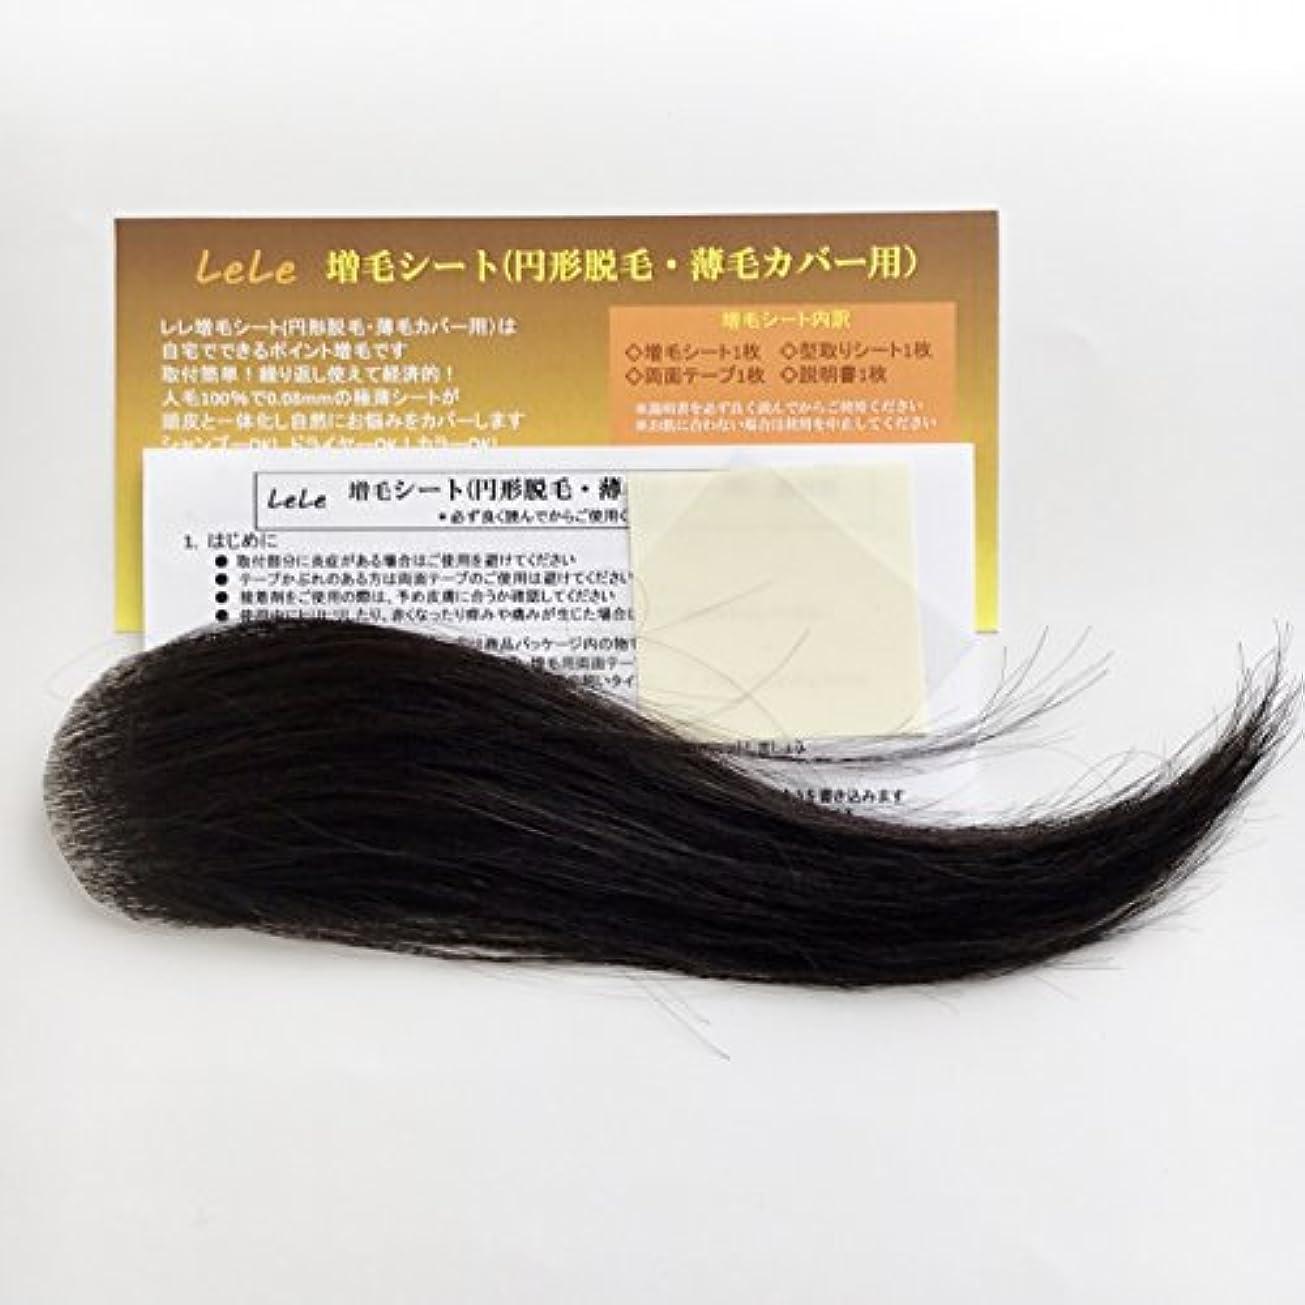 目指すコロニアルフォームLeLe 増毛シート(円形脱毛?薄毛カバー用) 全2色 (ダーク)